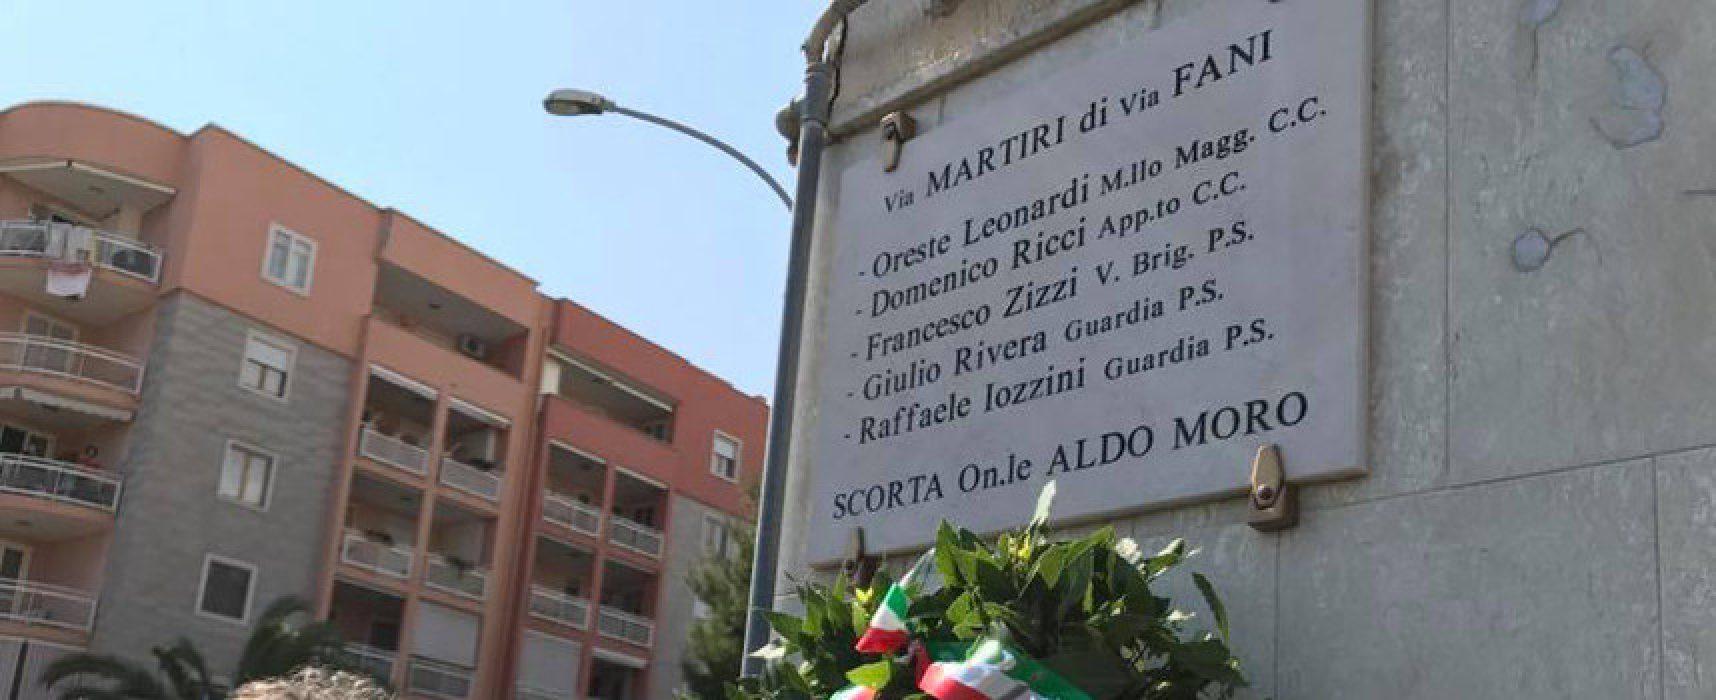 Eccidio scorta Aldo Moro, domani la sirena della torre maestra suonerà in ricordo delle vittime